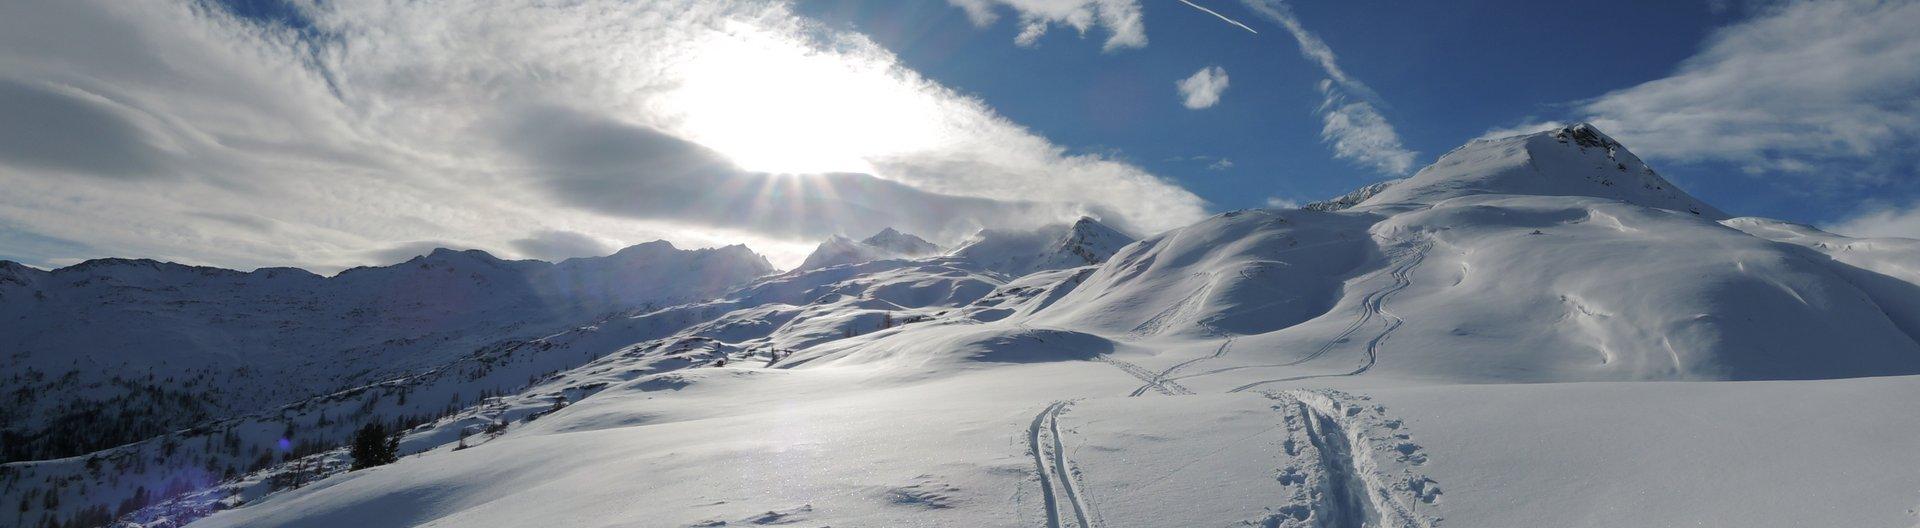 Stürmisches Panorama vom Keeskogel über Mandlkogel zum Plattenkogel: gut, dass es bei mir windstill war!